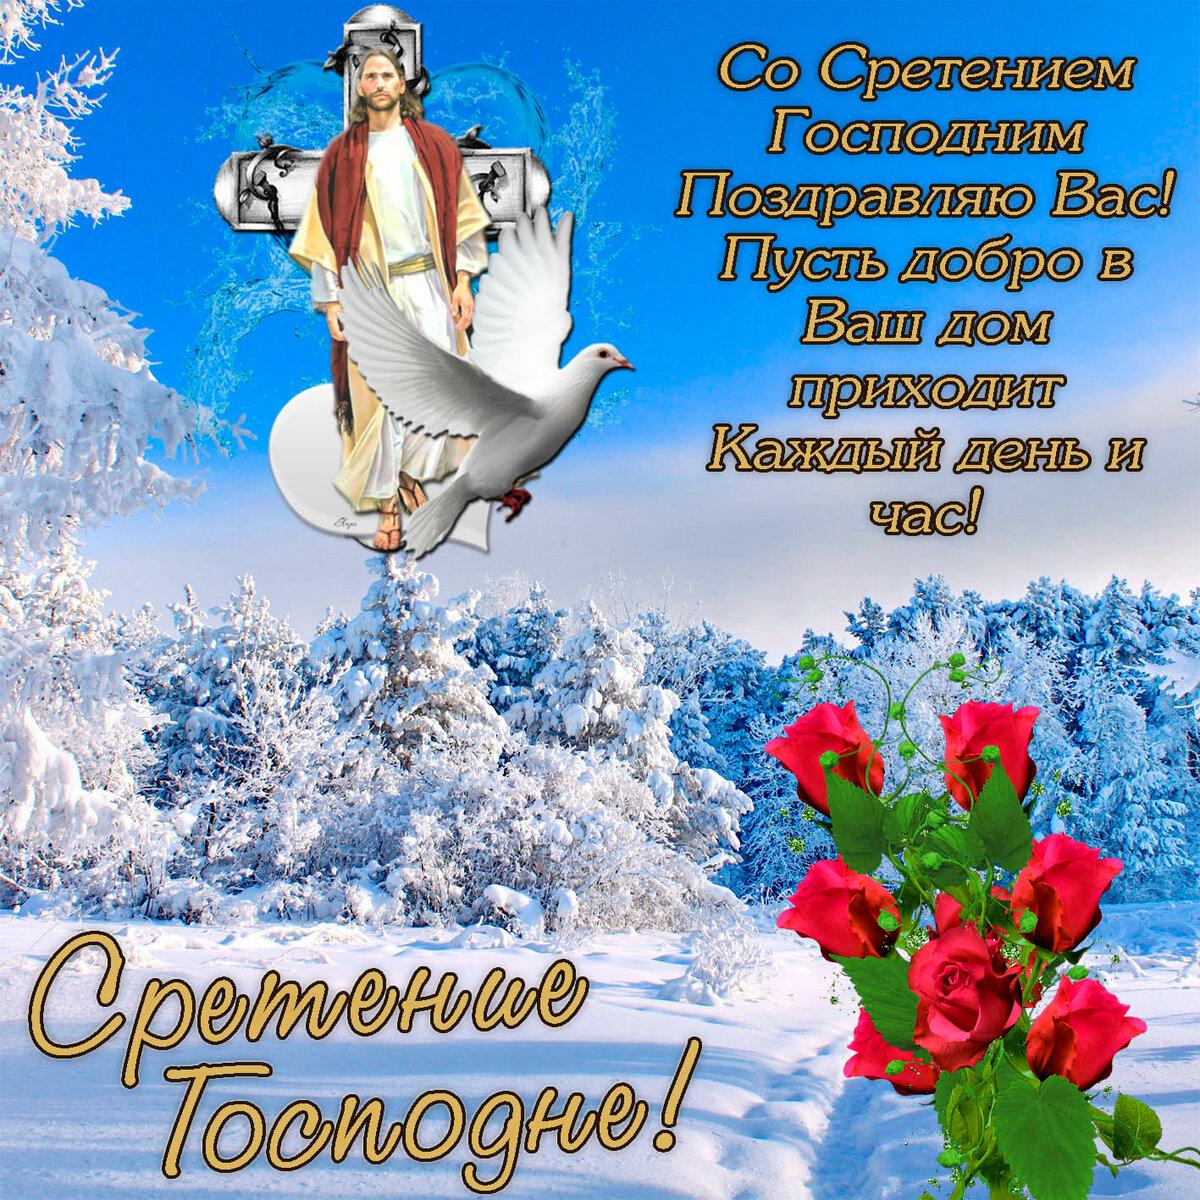 Сретение господне поздравление картинки со стихами, открытка марта